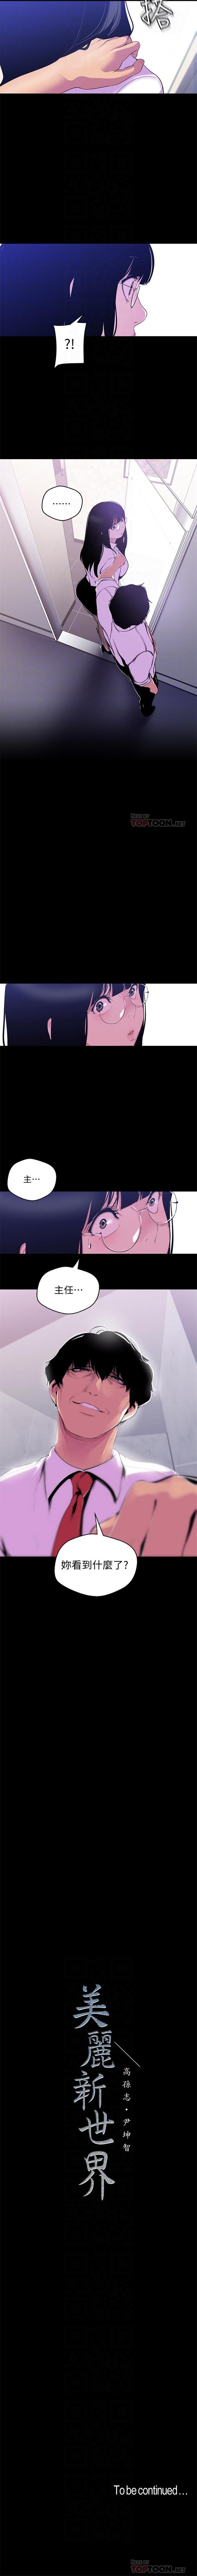 (週1)美麗新世界 1-76 中文翻譯 (更新中) 434